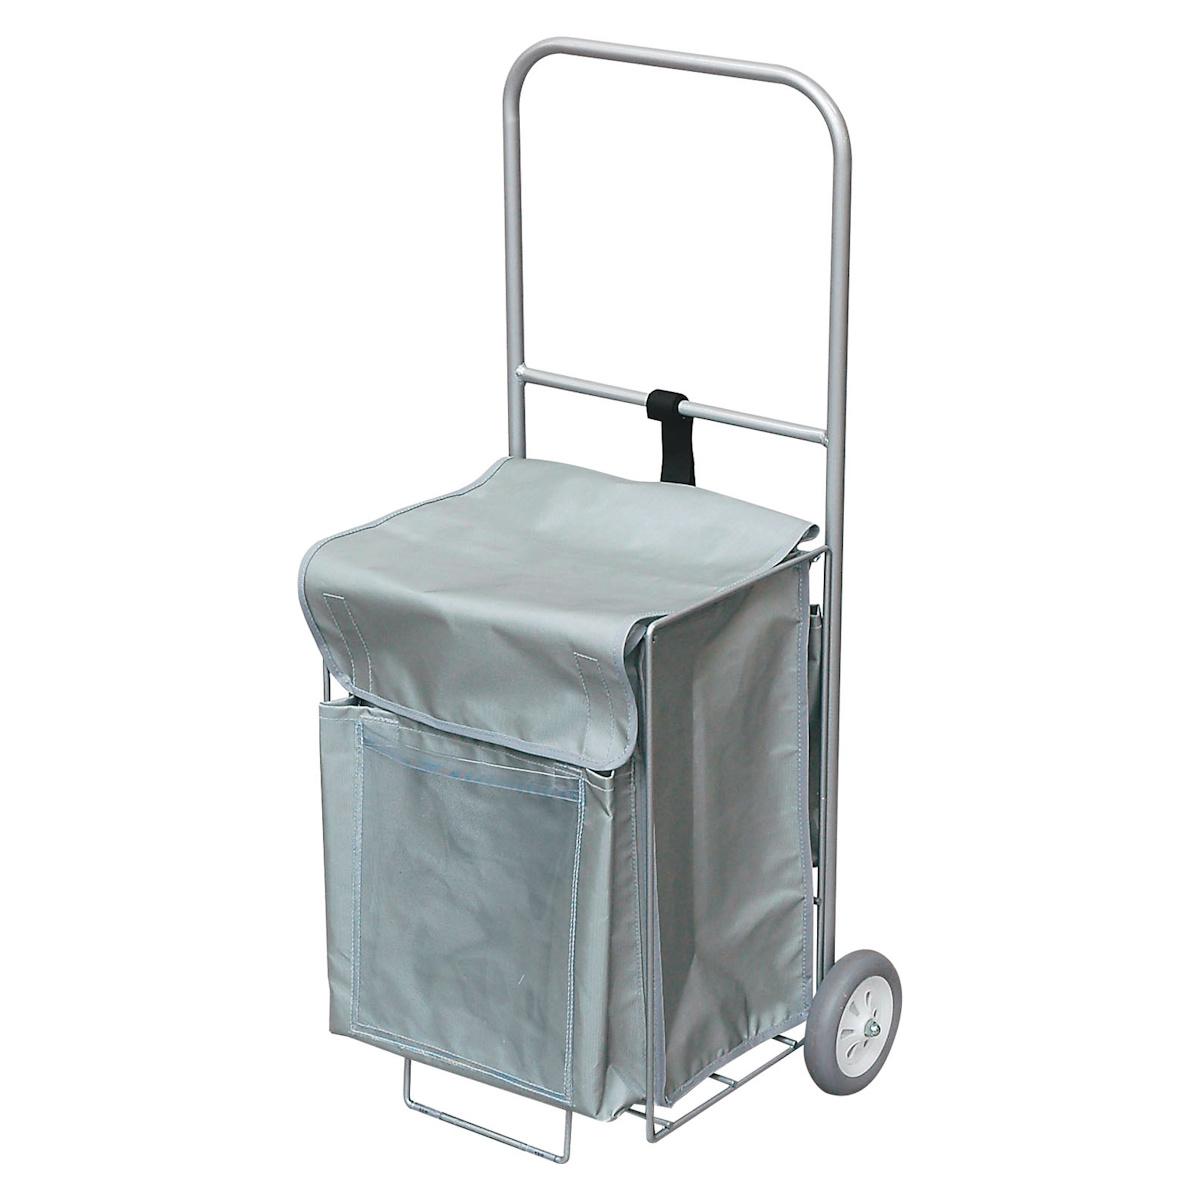 清掃用カート 小物運搬用 プロテック ツールキャリー ( 送料無料 業務用 カート 台車 運搬 収納 掃除用具 )